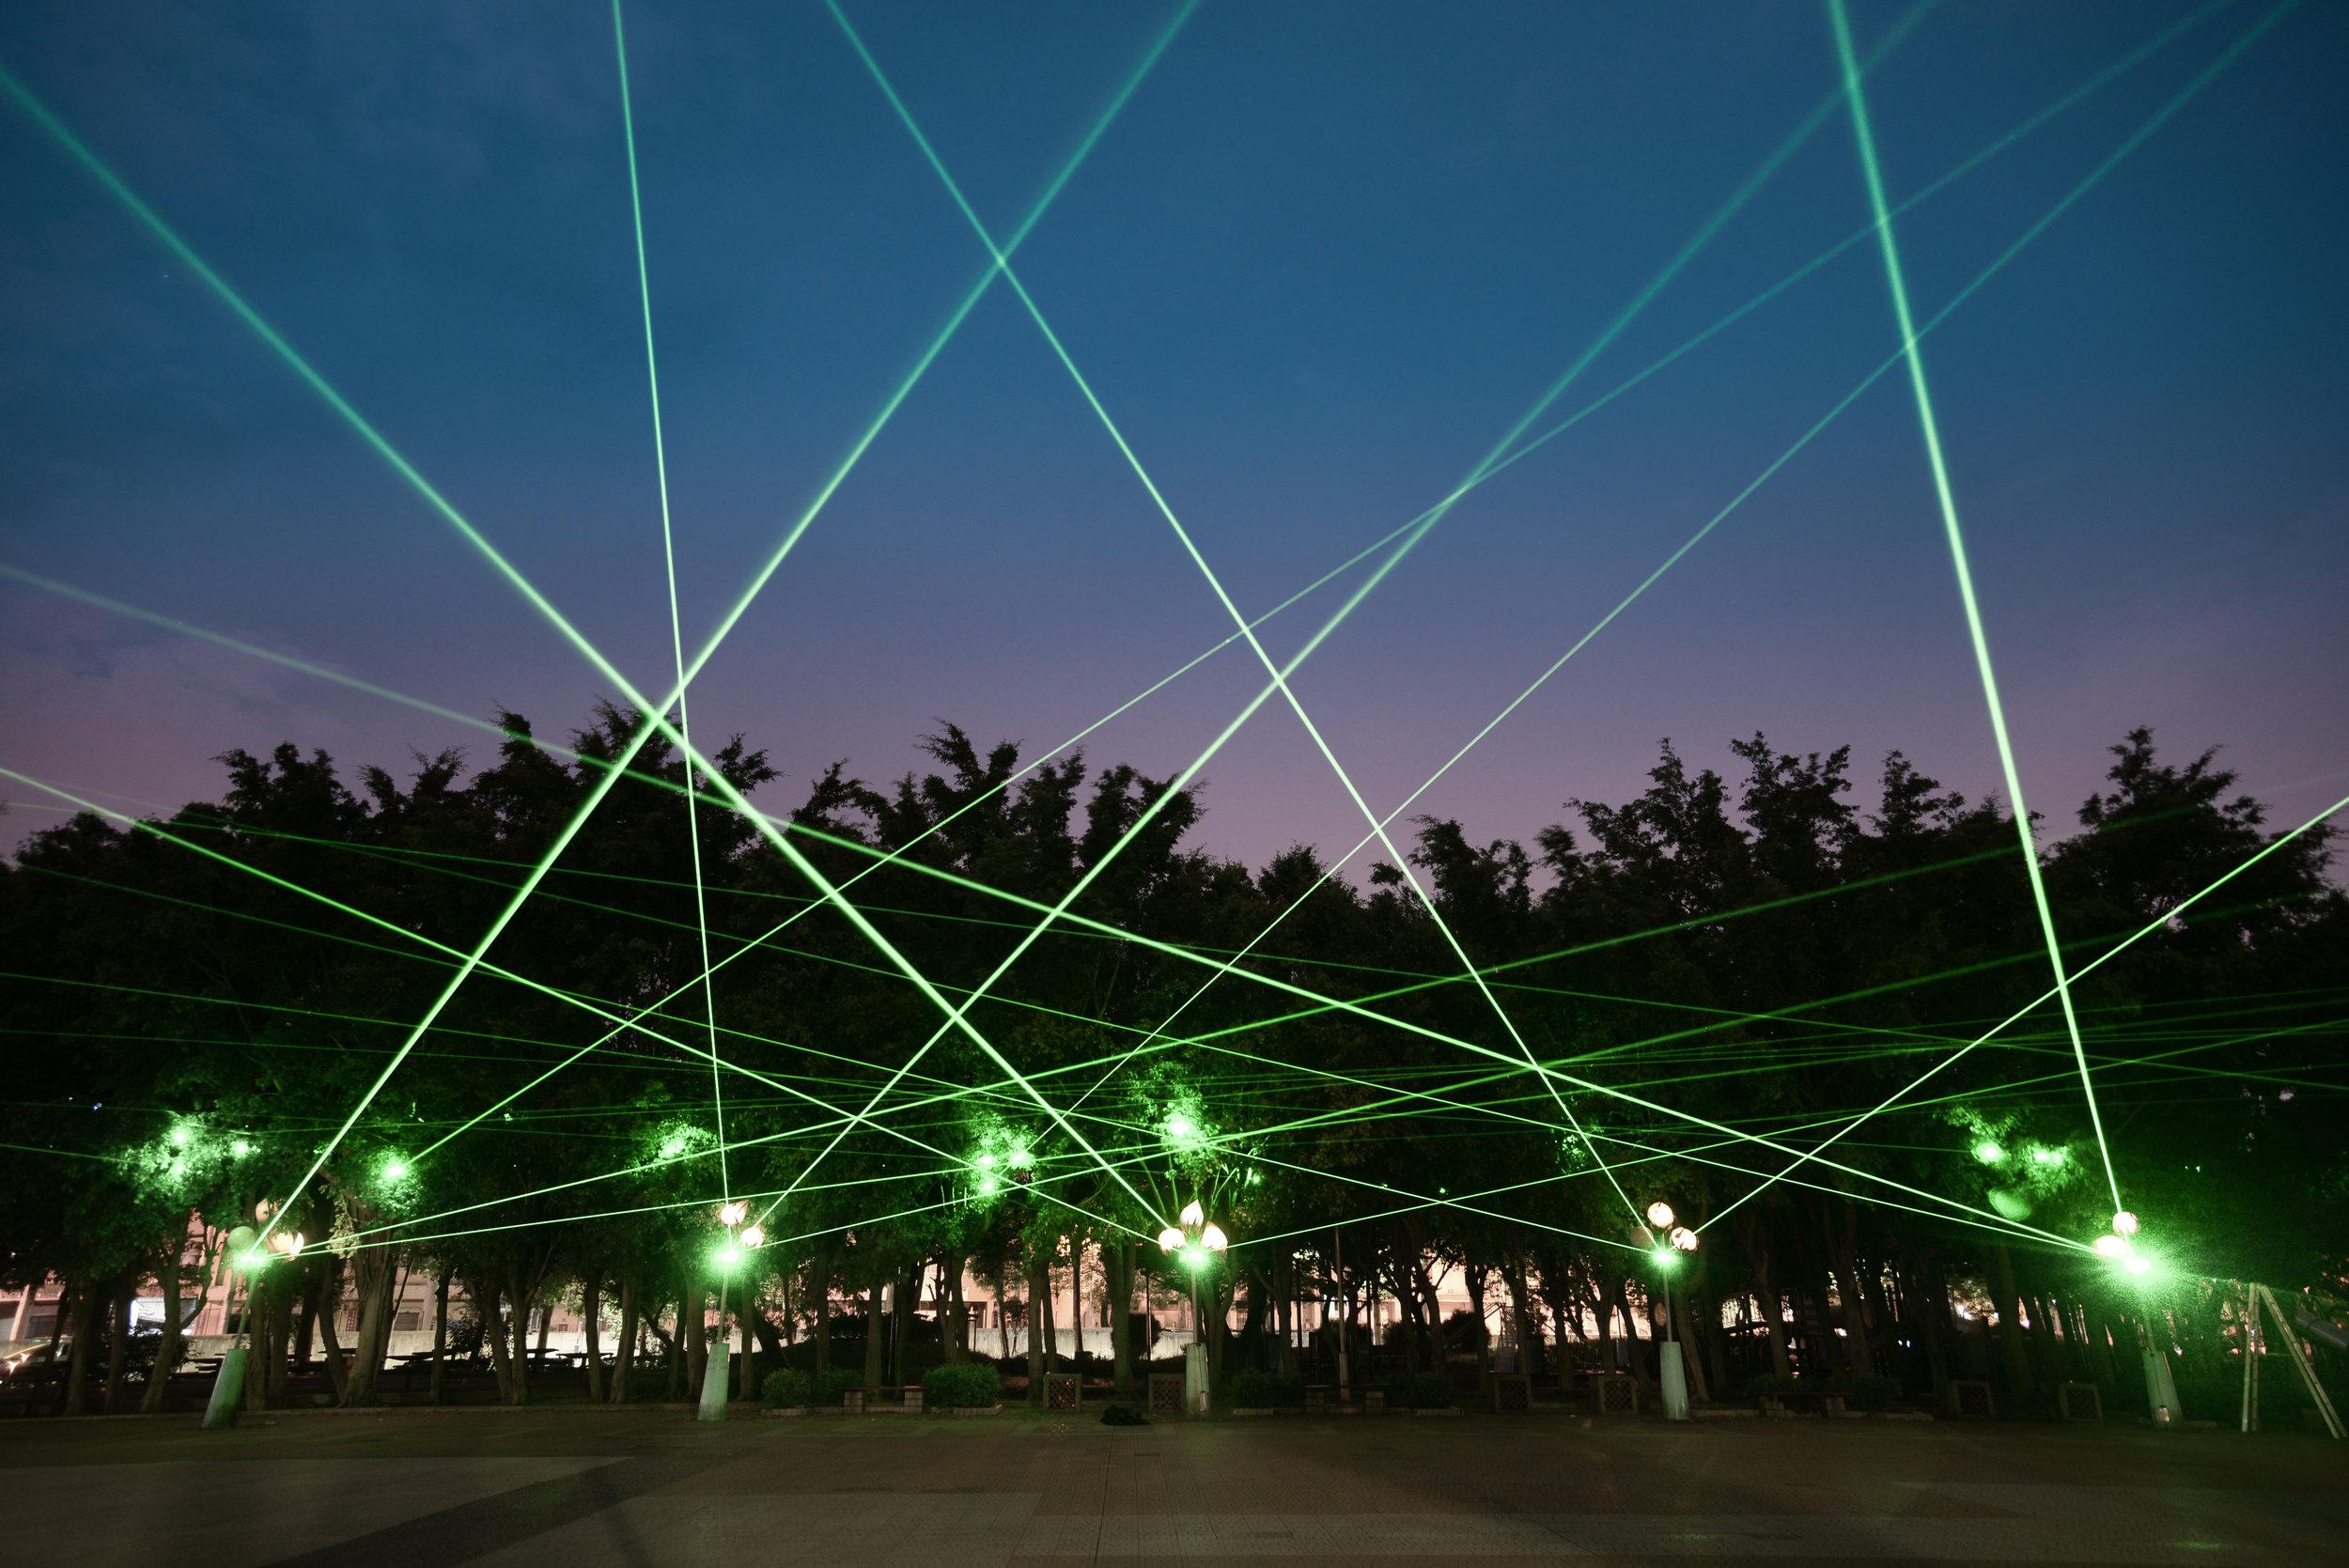 裝置微光計劃:廣場上|莊志維